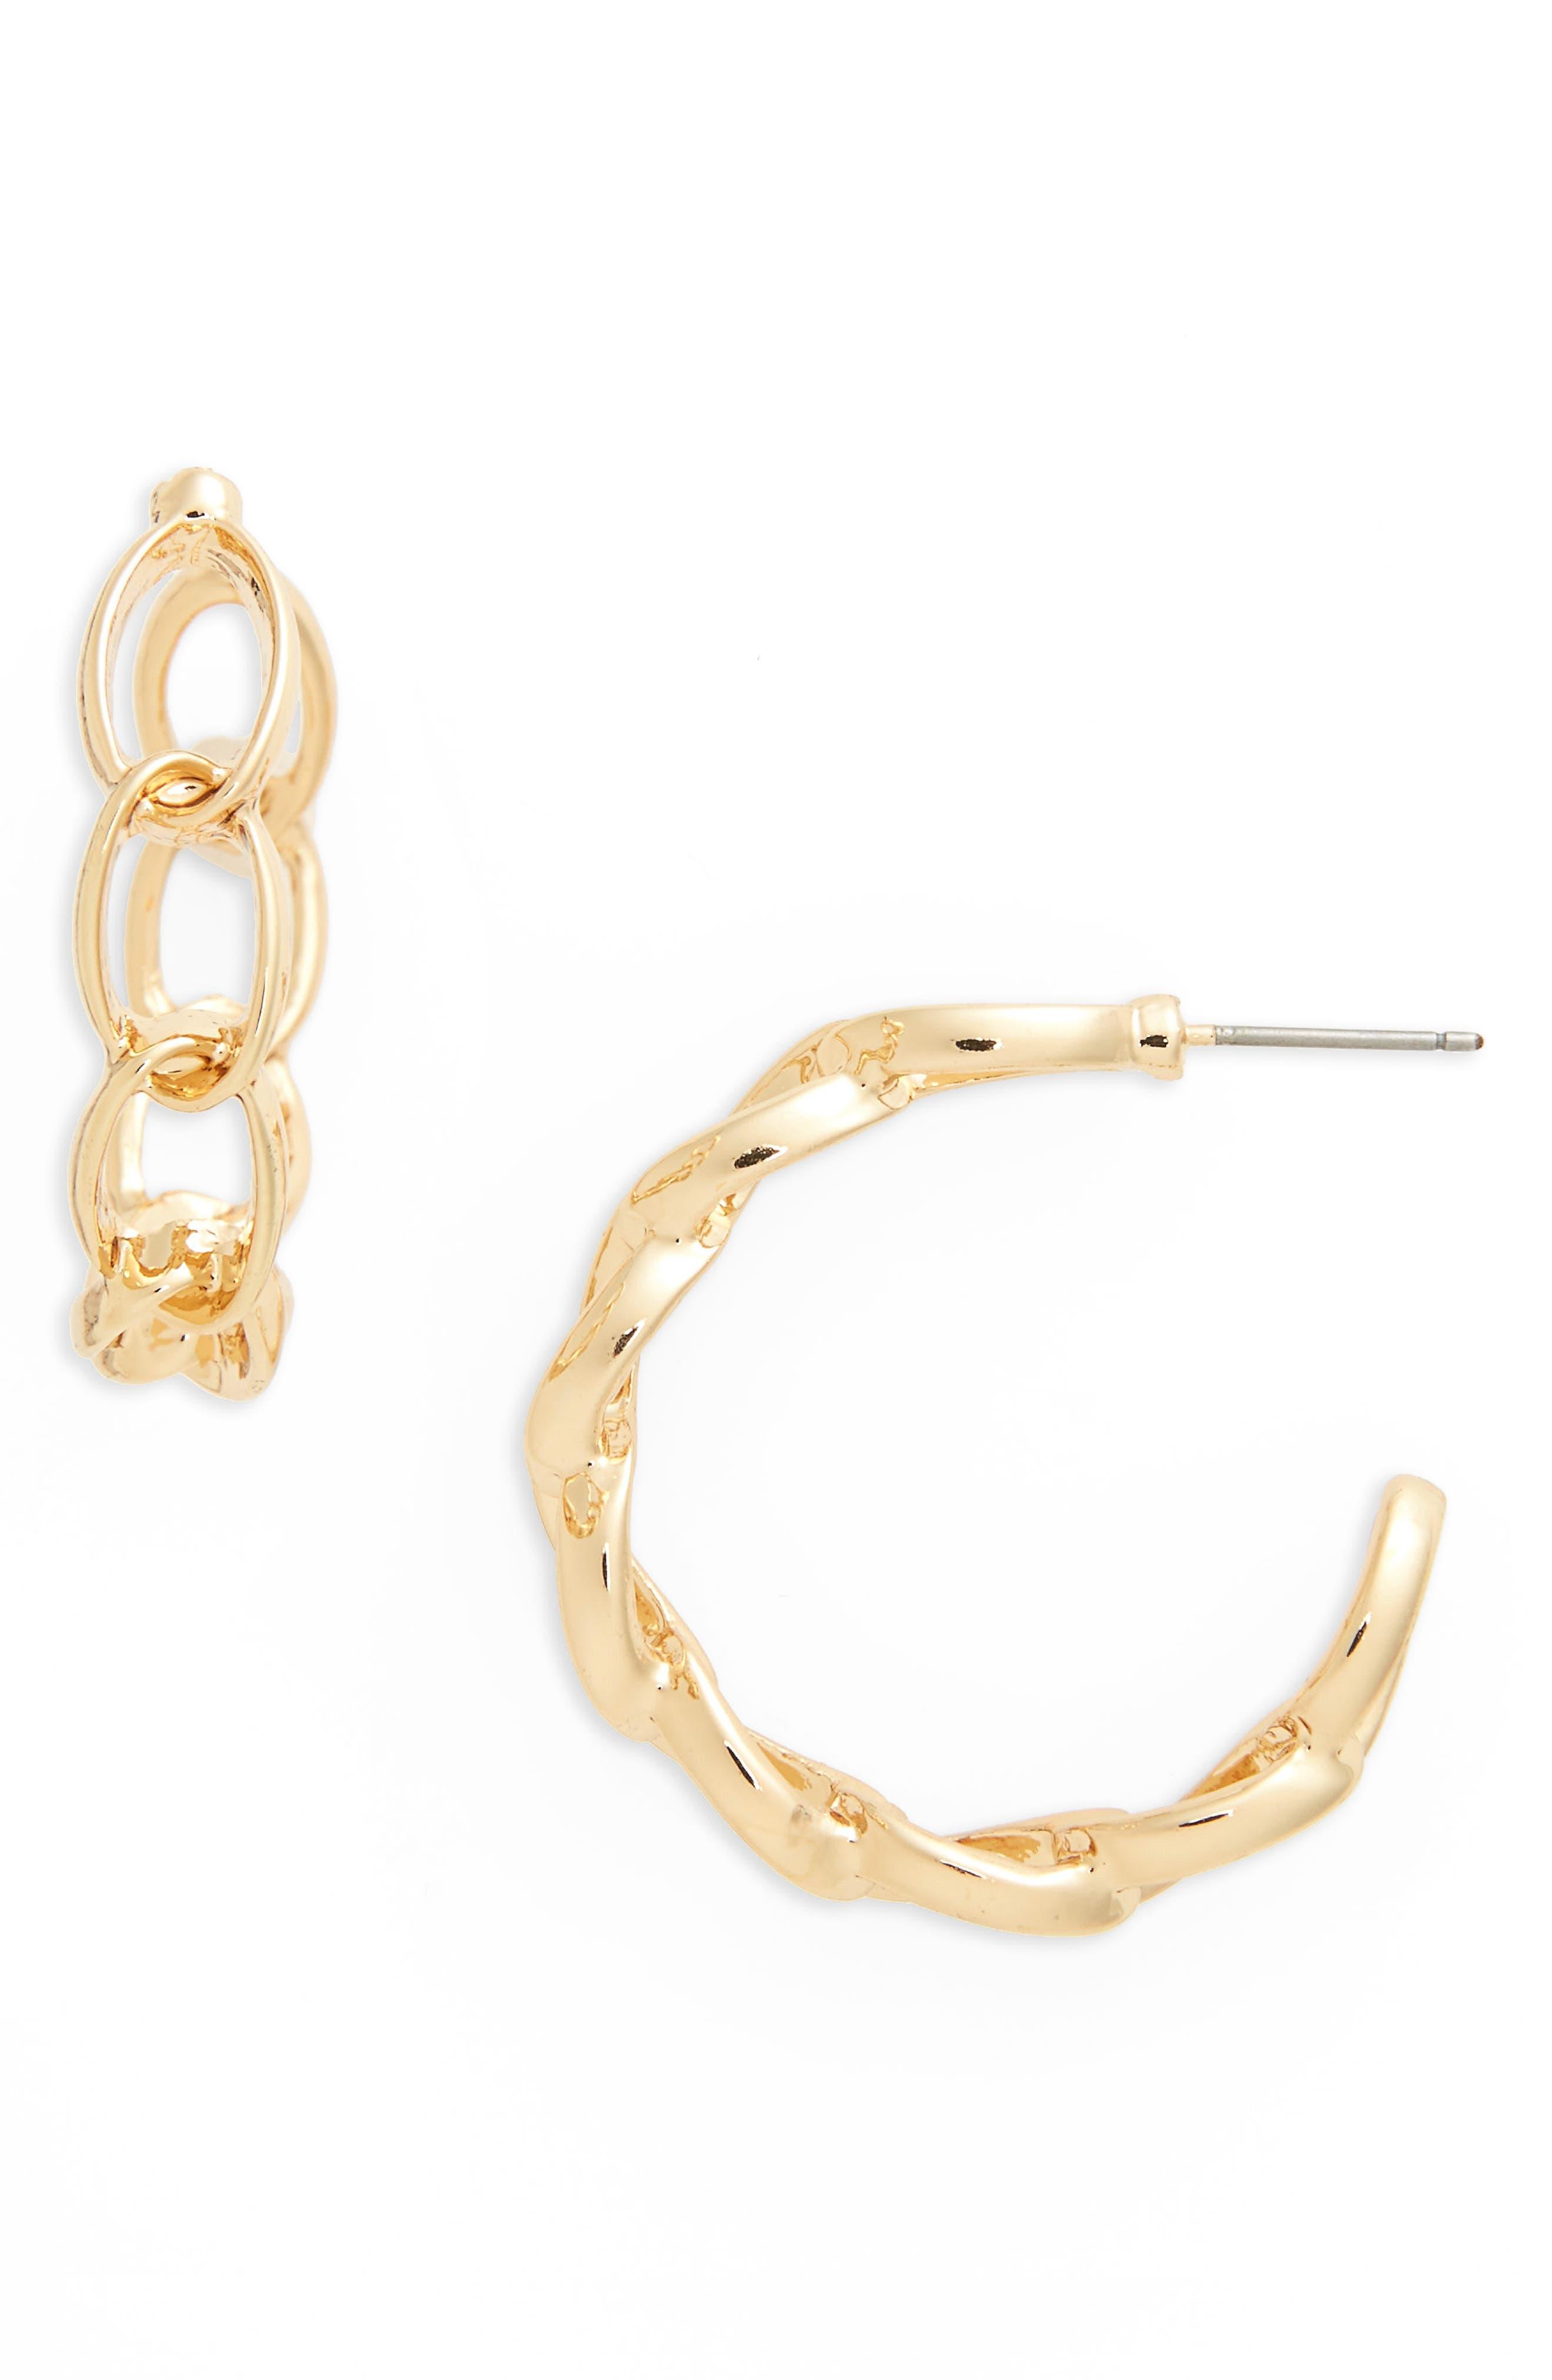 Alternate Image 1 Selected - BP. Chain Link Hoop Earrings